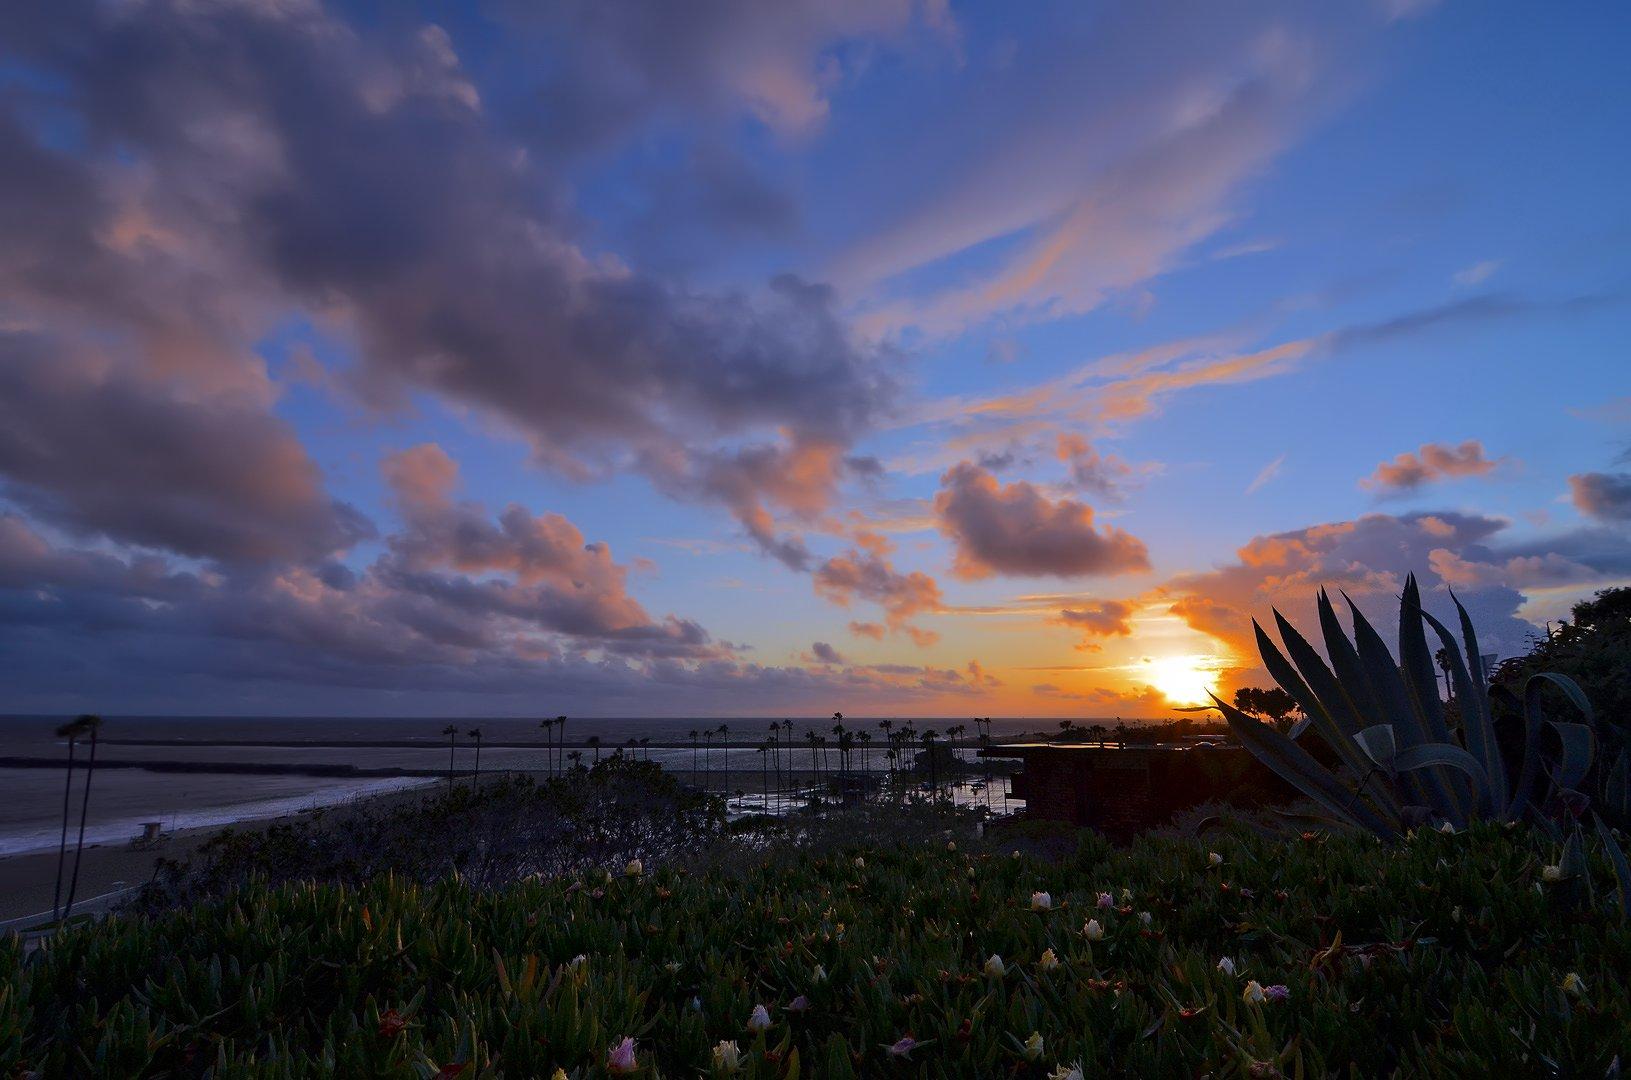 corona del mar bbw personals Caleta playa corralejo - el caleta playa apartamento es un apartamento que dispone de cambio de divisas, una caja fuerte y un restaurante, junto con un solárium, un.